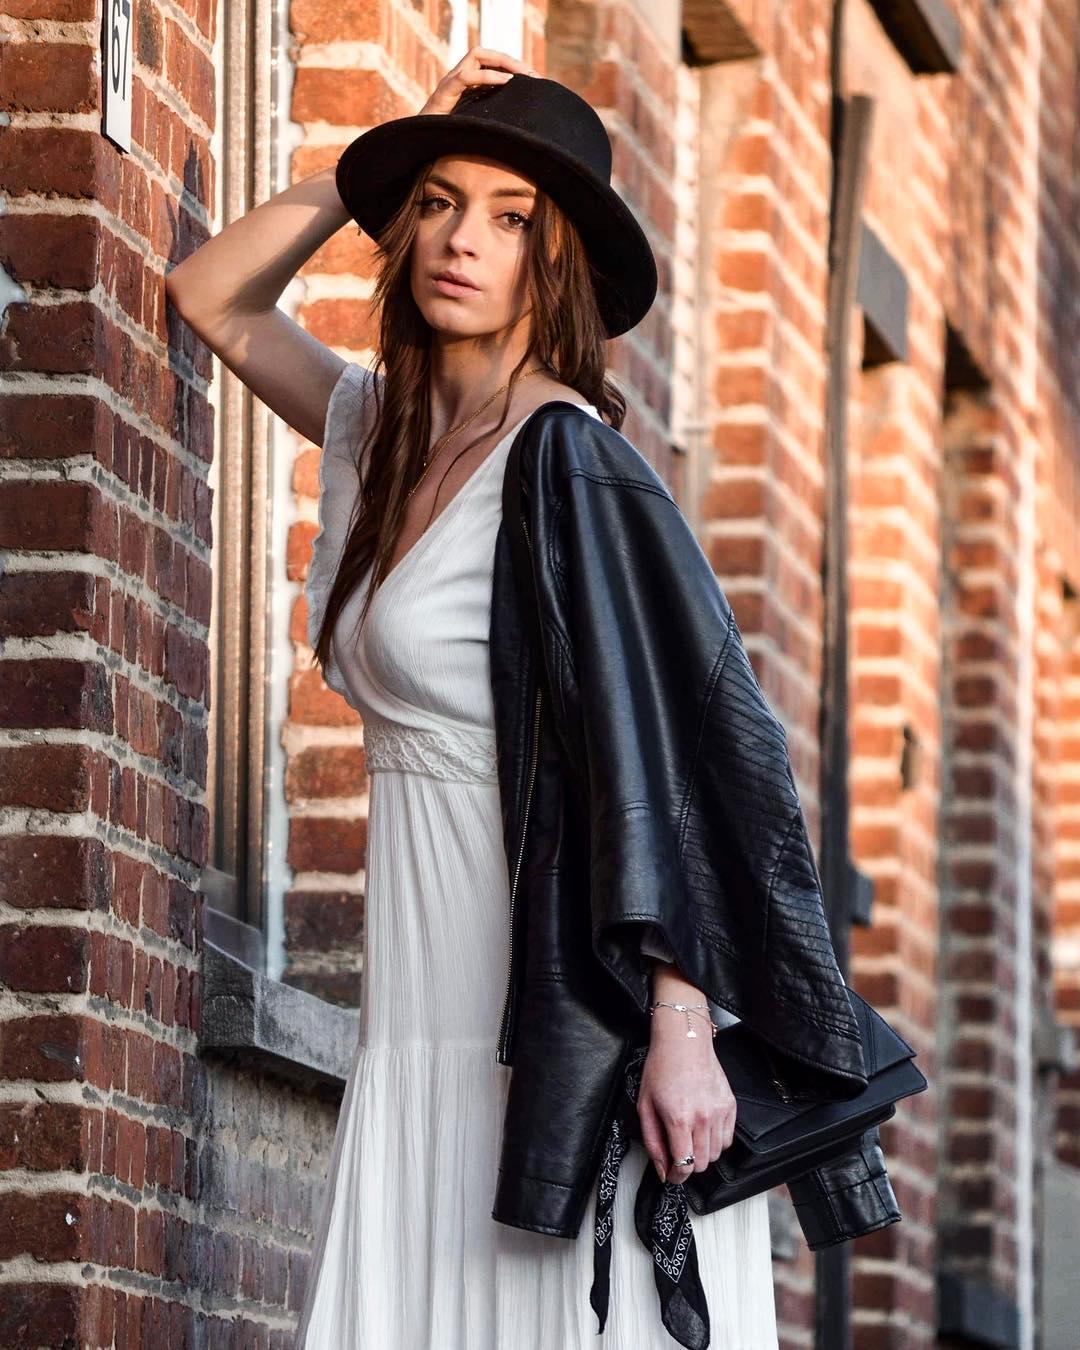 longue robe ecrue de Les Bourgeoises sur bourguignon.marie